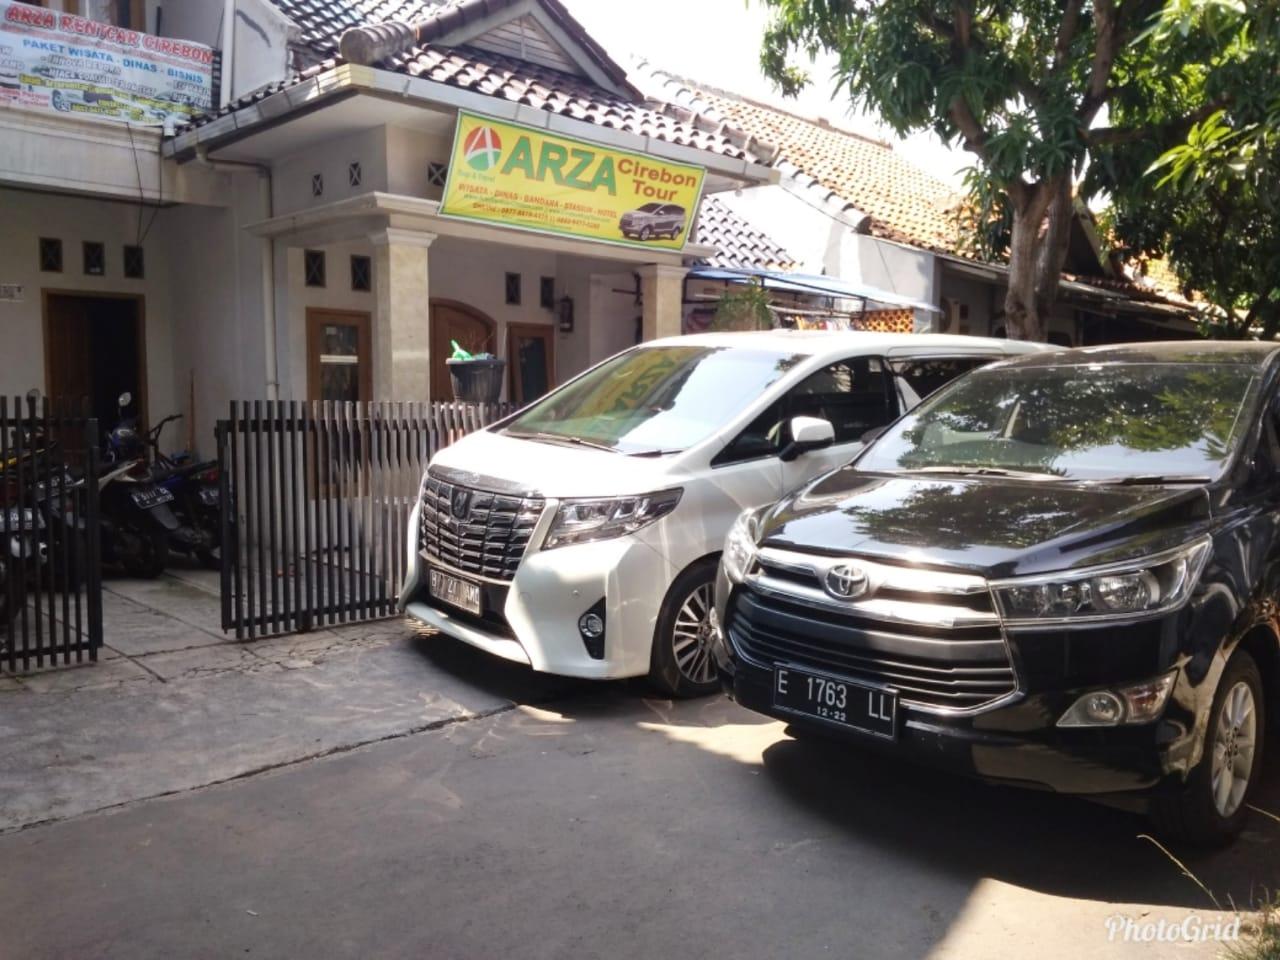 Sewa Alphard Di Cirebon + Driver + BBM Harga Terhemat